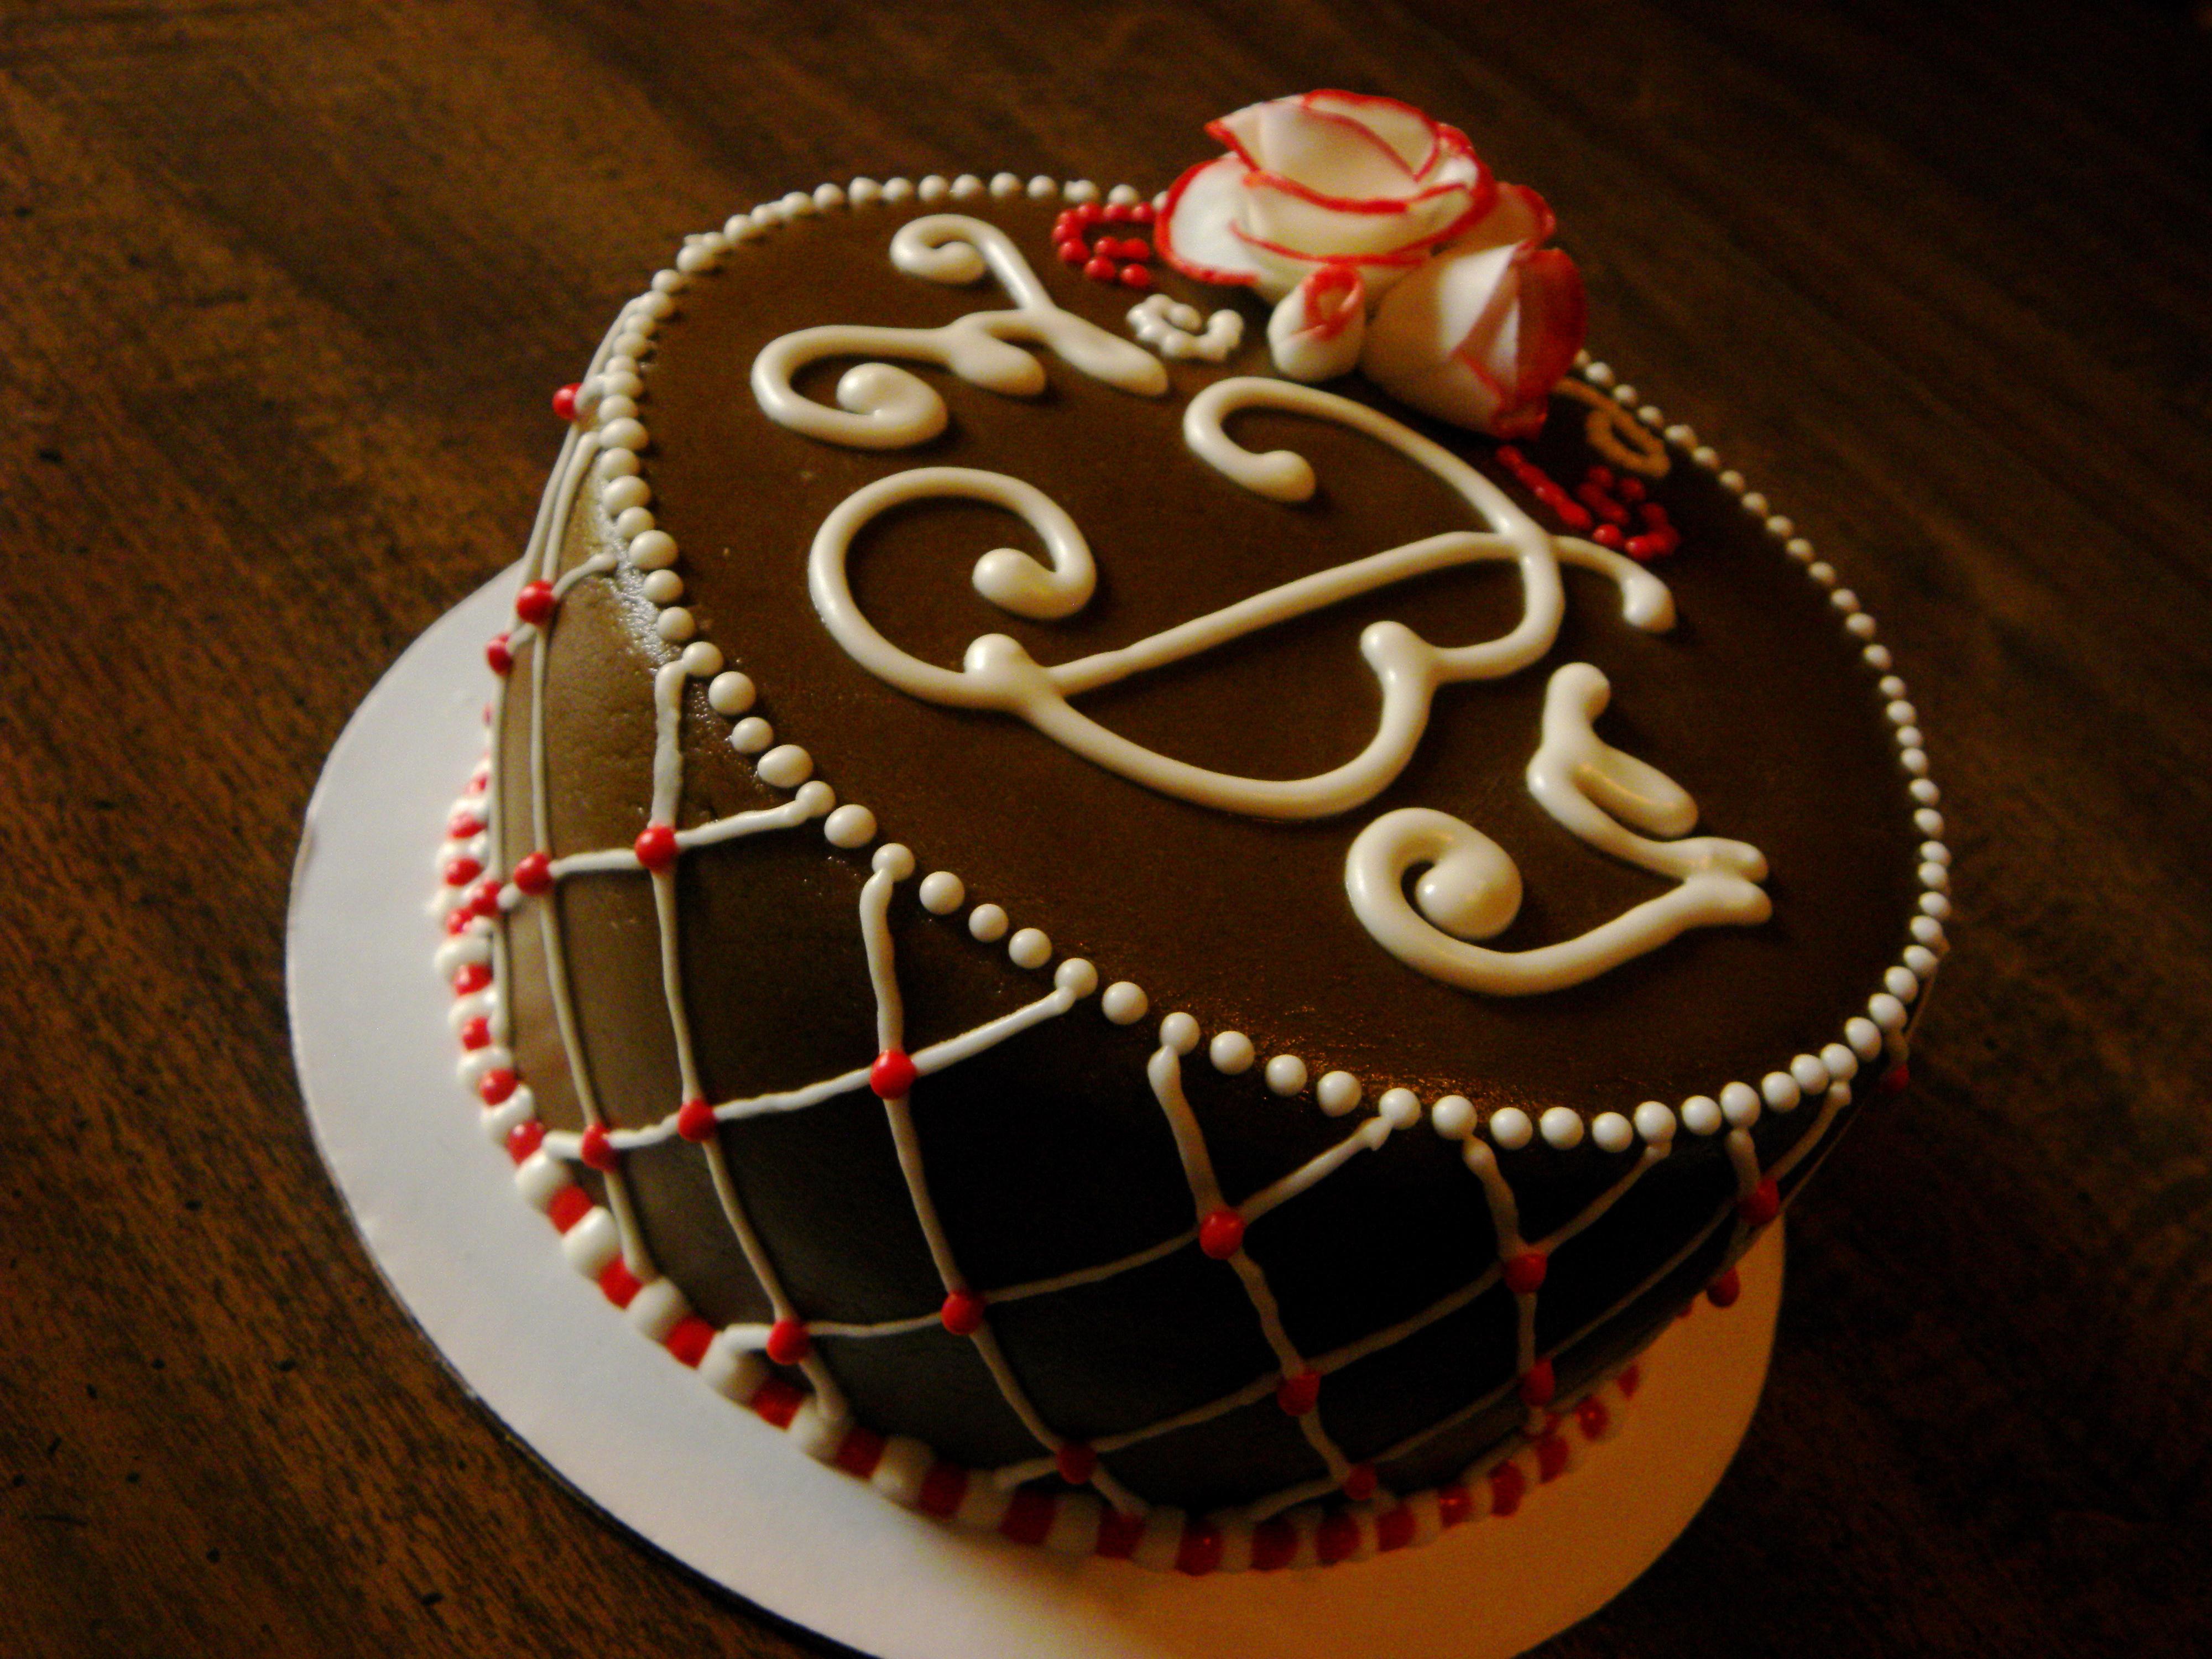 Chocolate Anniversary Cake title=